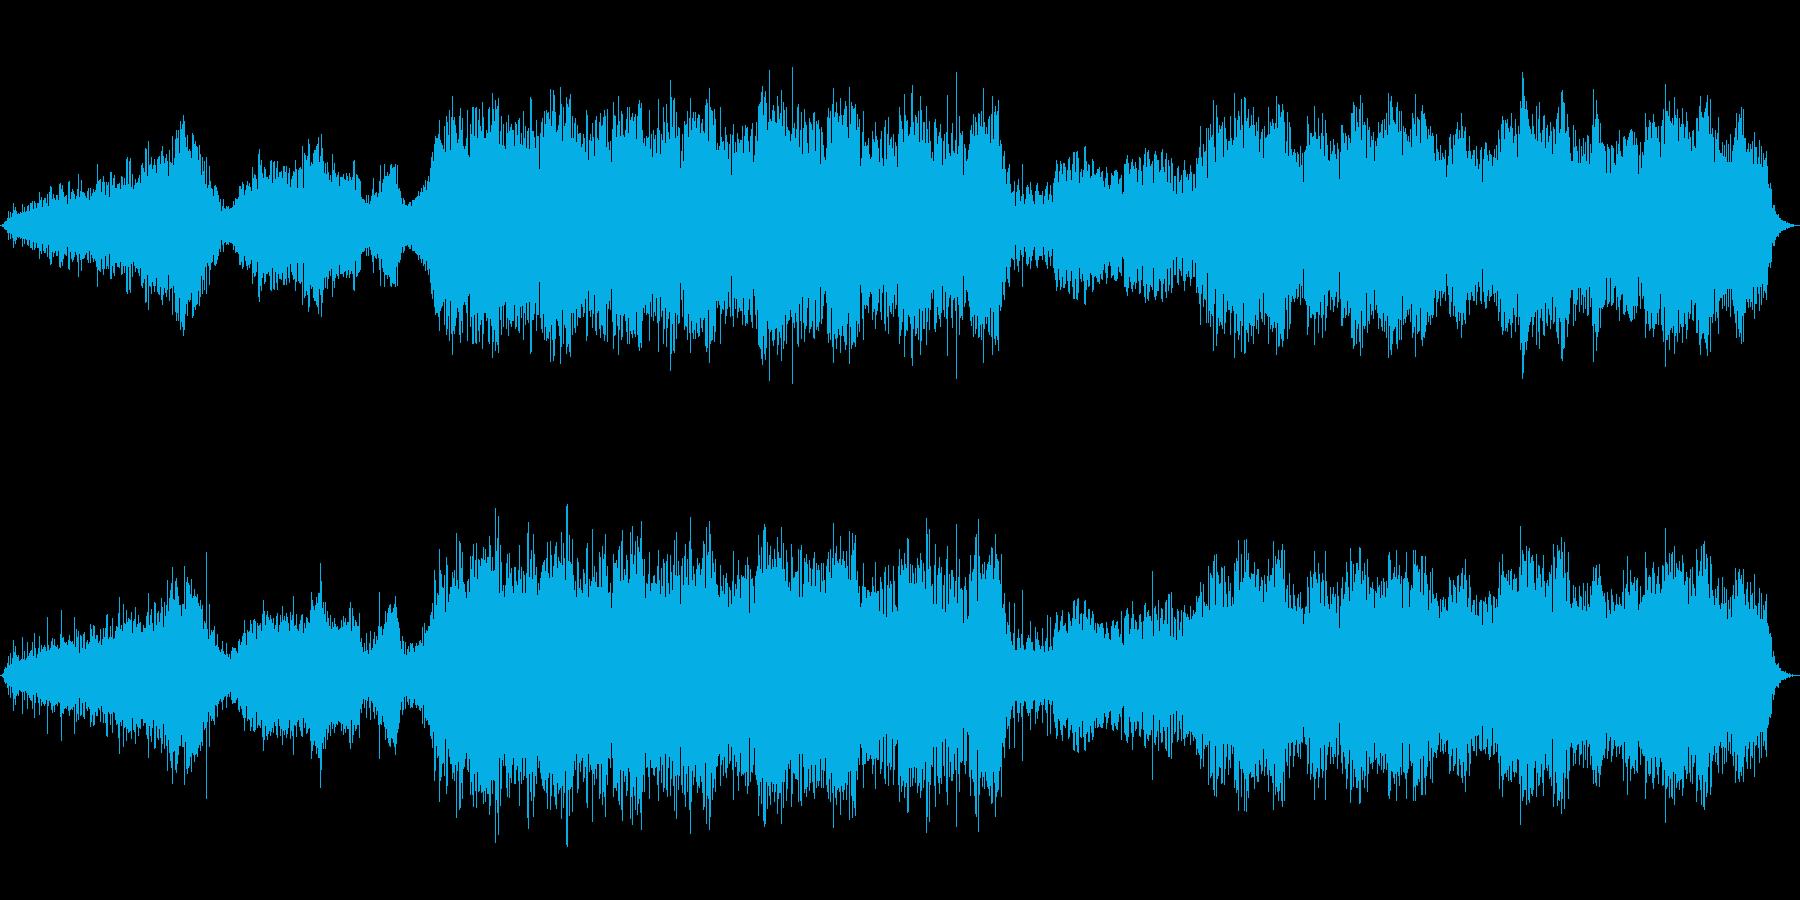 水の音とソルフェジオ周波数の癒しのBGMの再生済みの波形